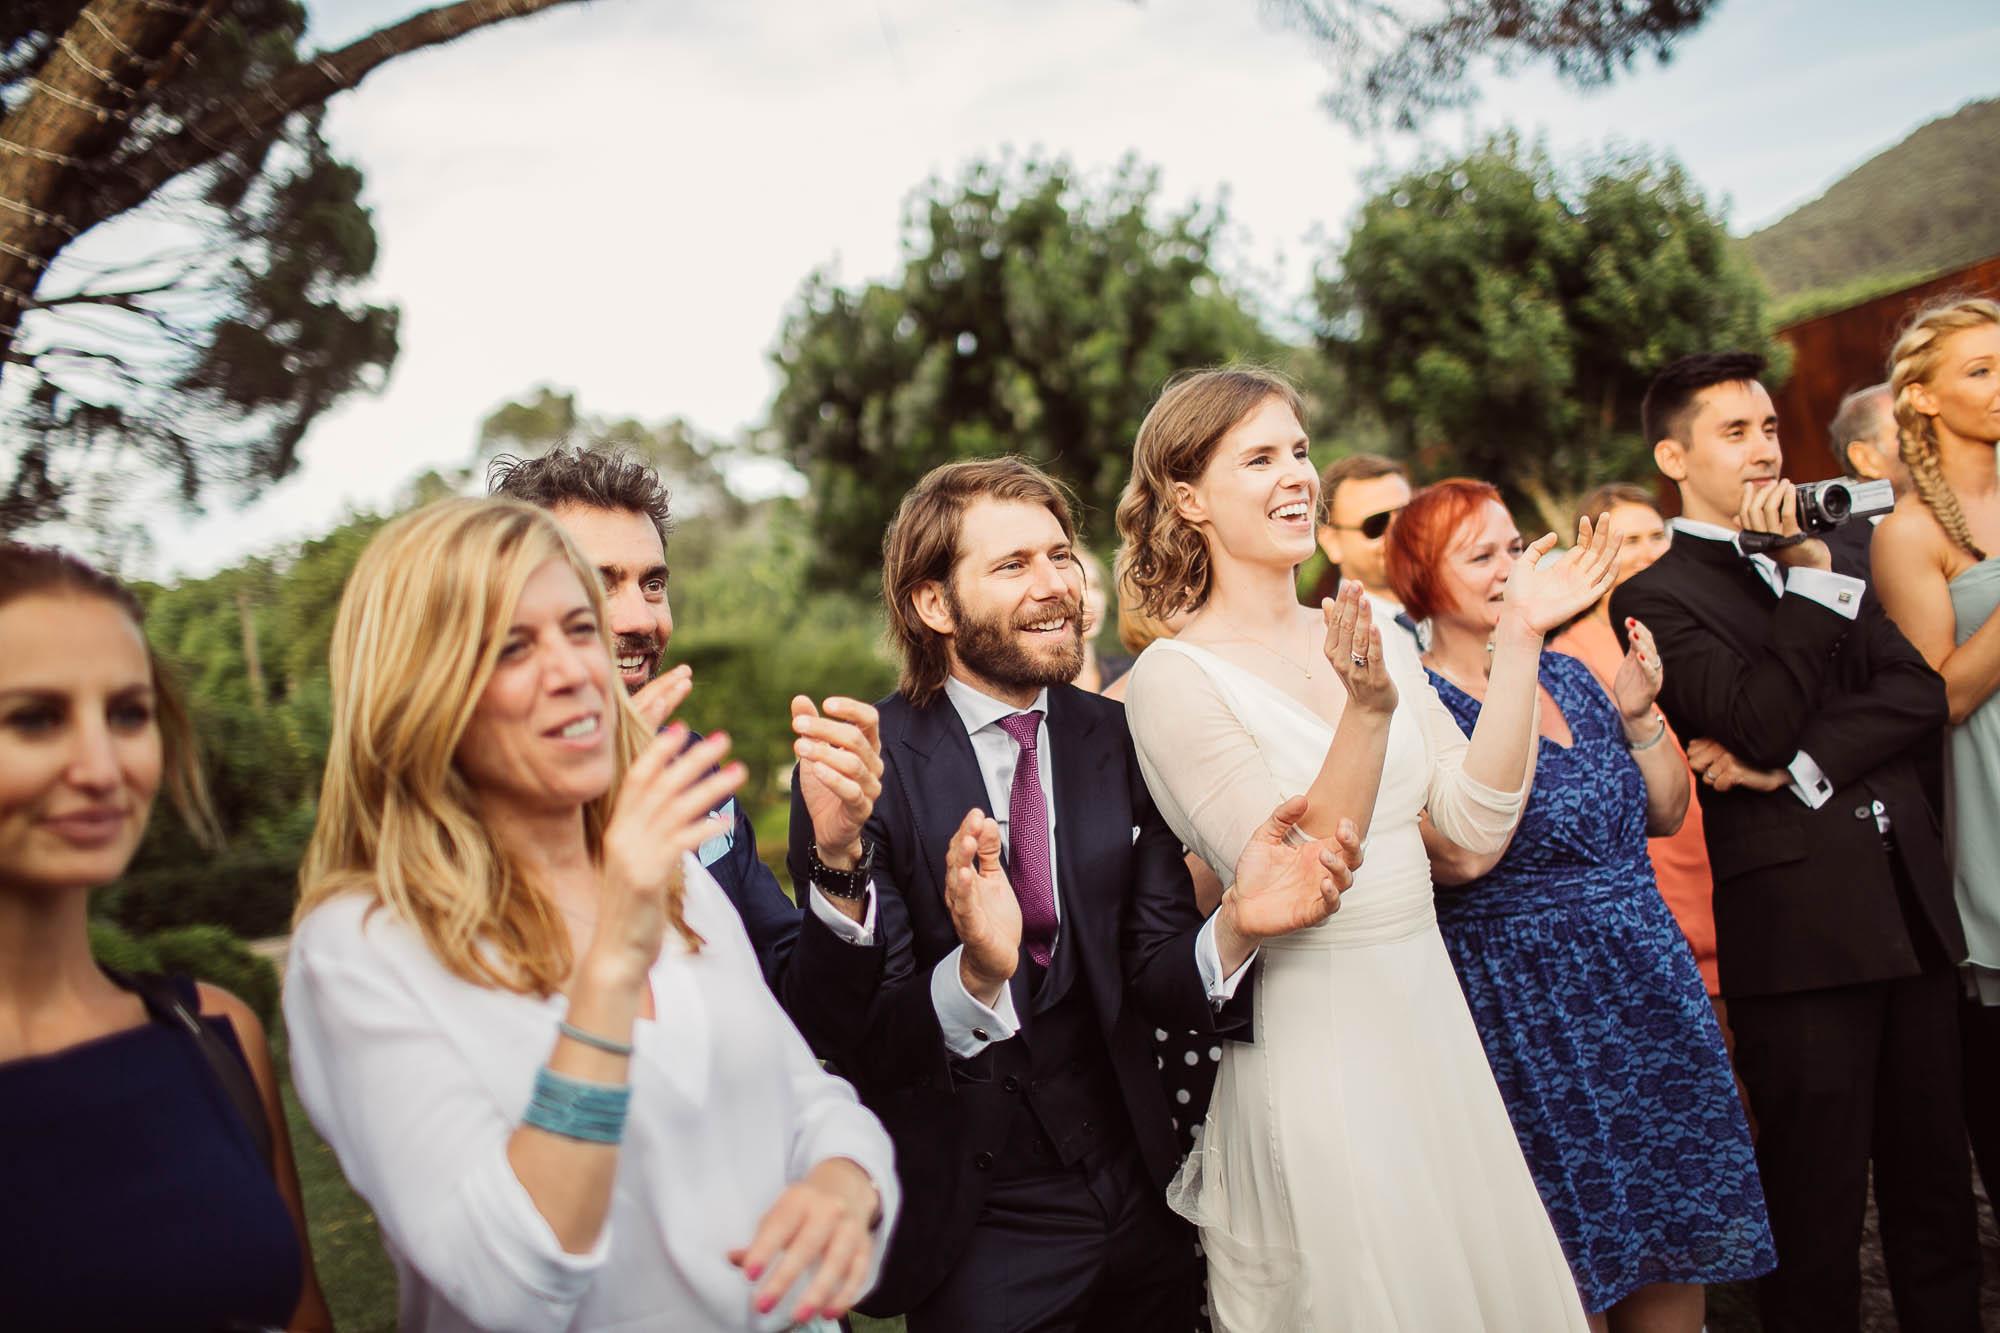 Marido y mujer junto con varios invitados observando y aplaudiendo un expectaculo del barman